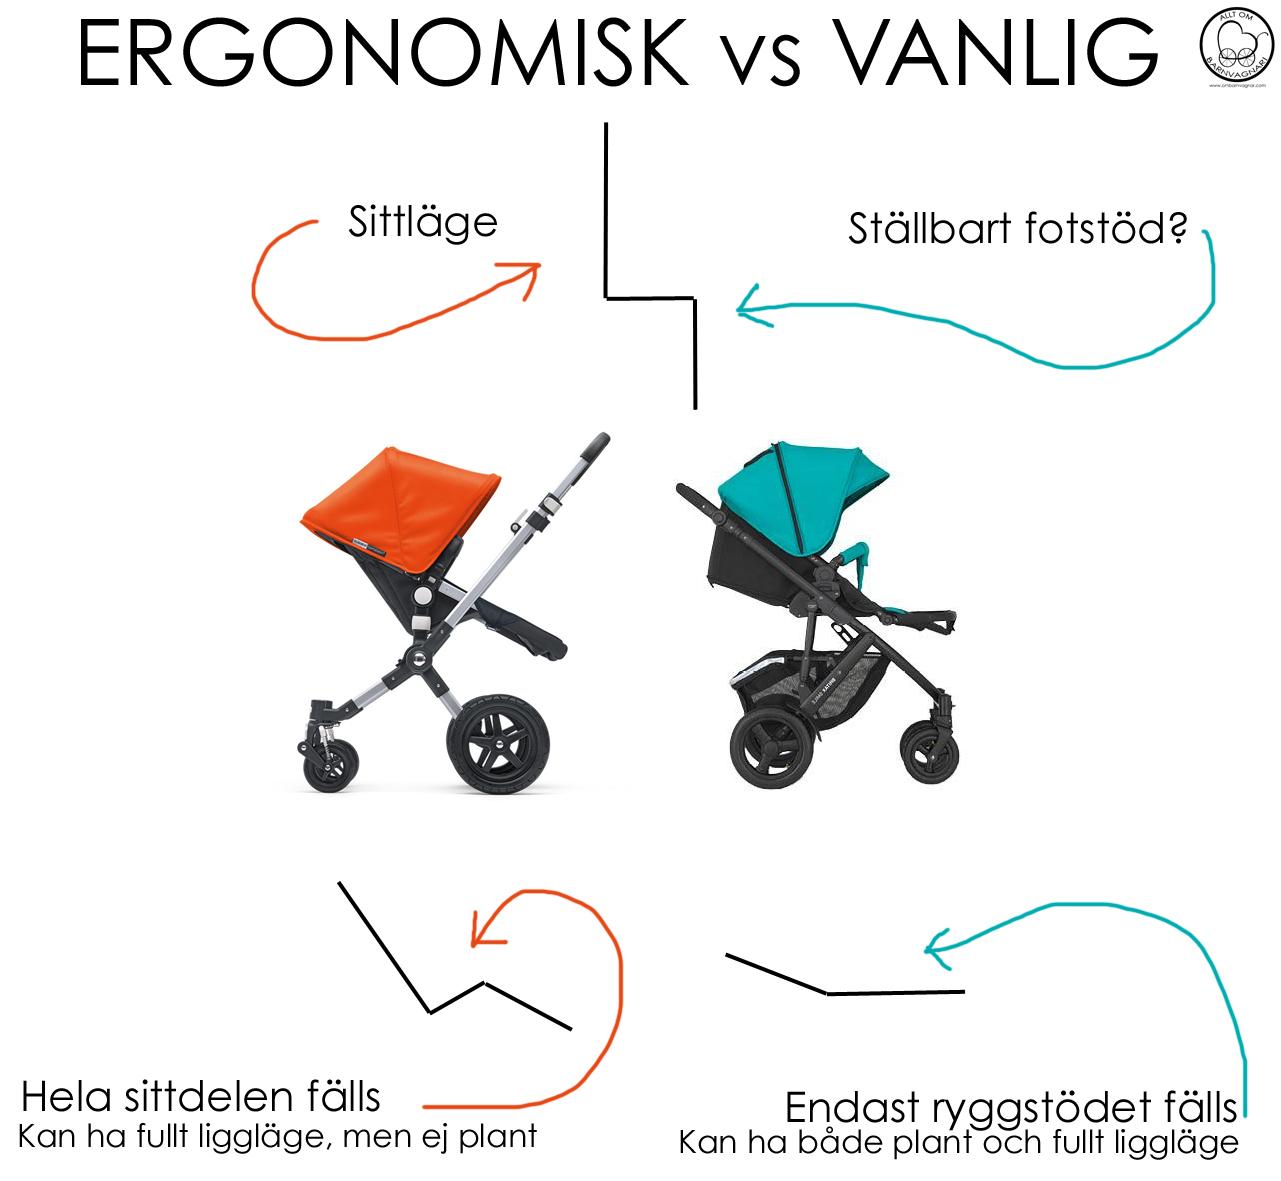 Vad är skillnaden mellan en vanlig och en ergonomisk sittdel på barnvagnen?